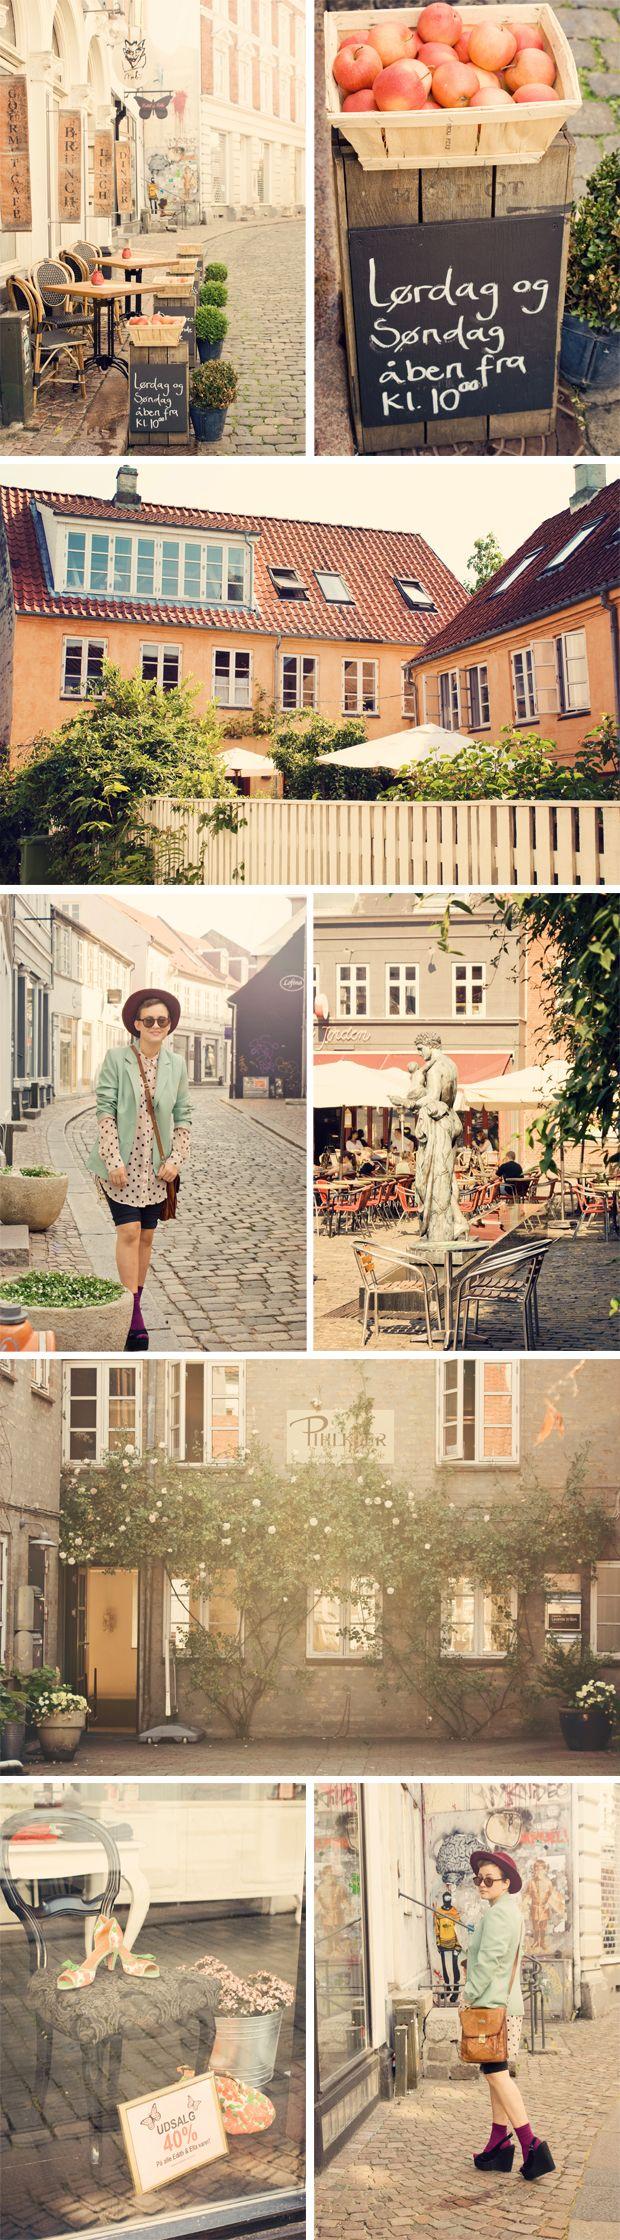 Aarhus Denmark-makes me miss DK <3